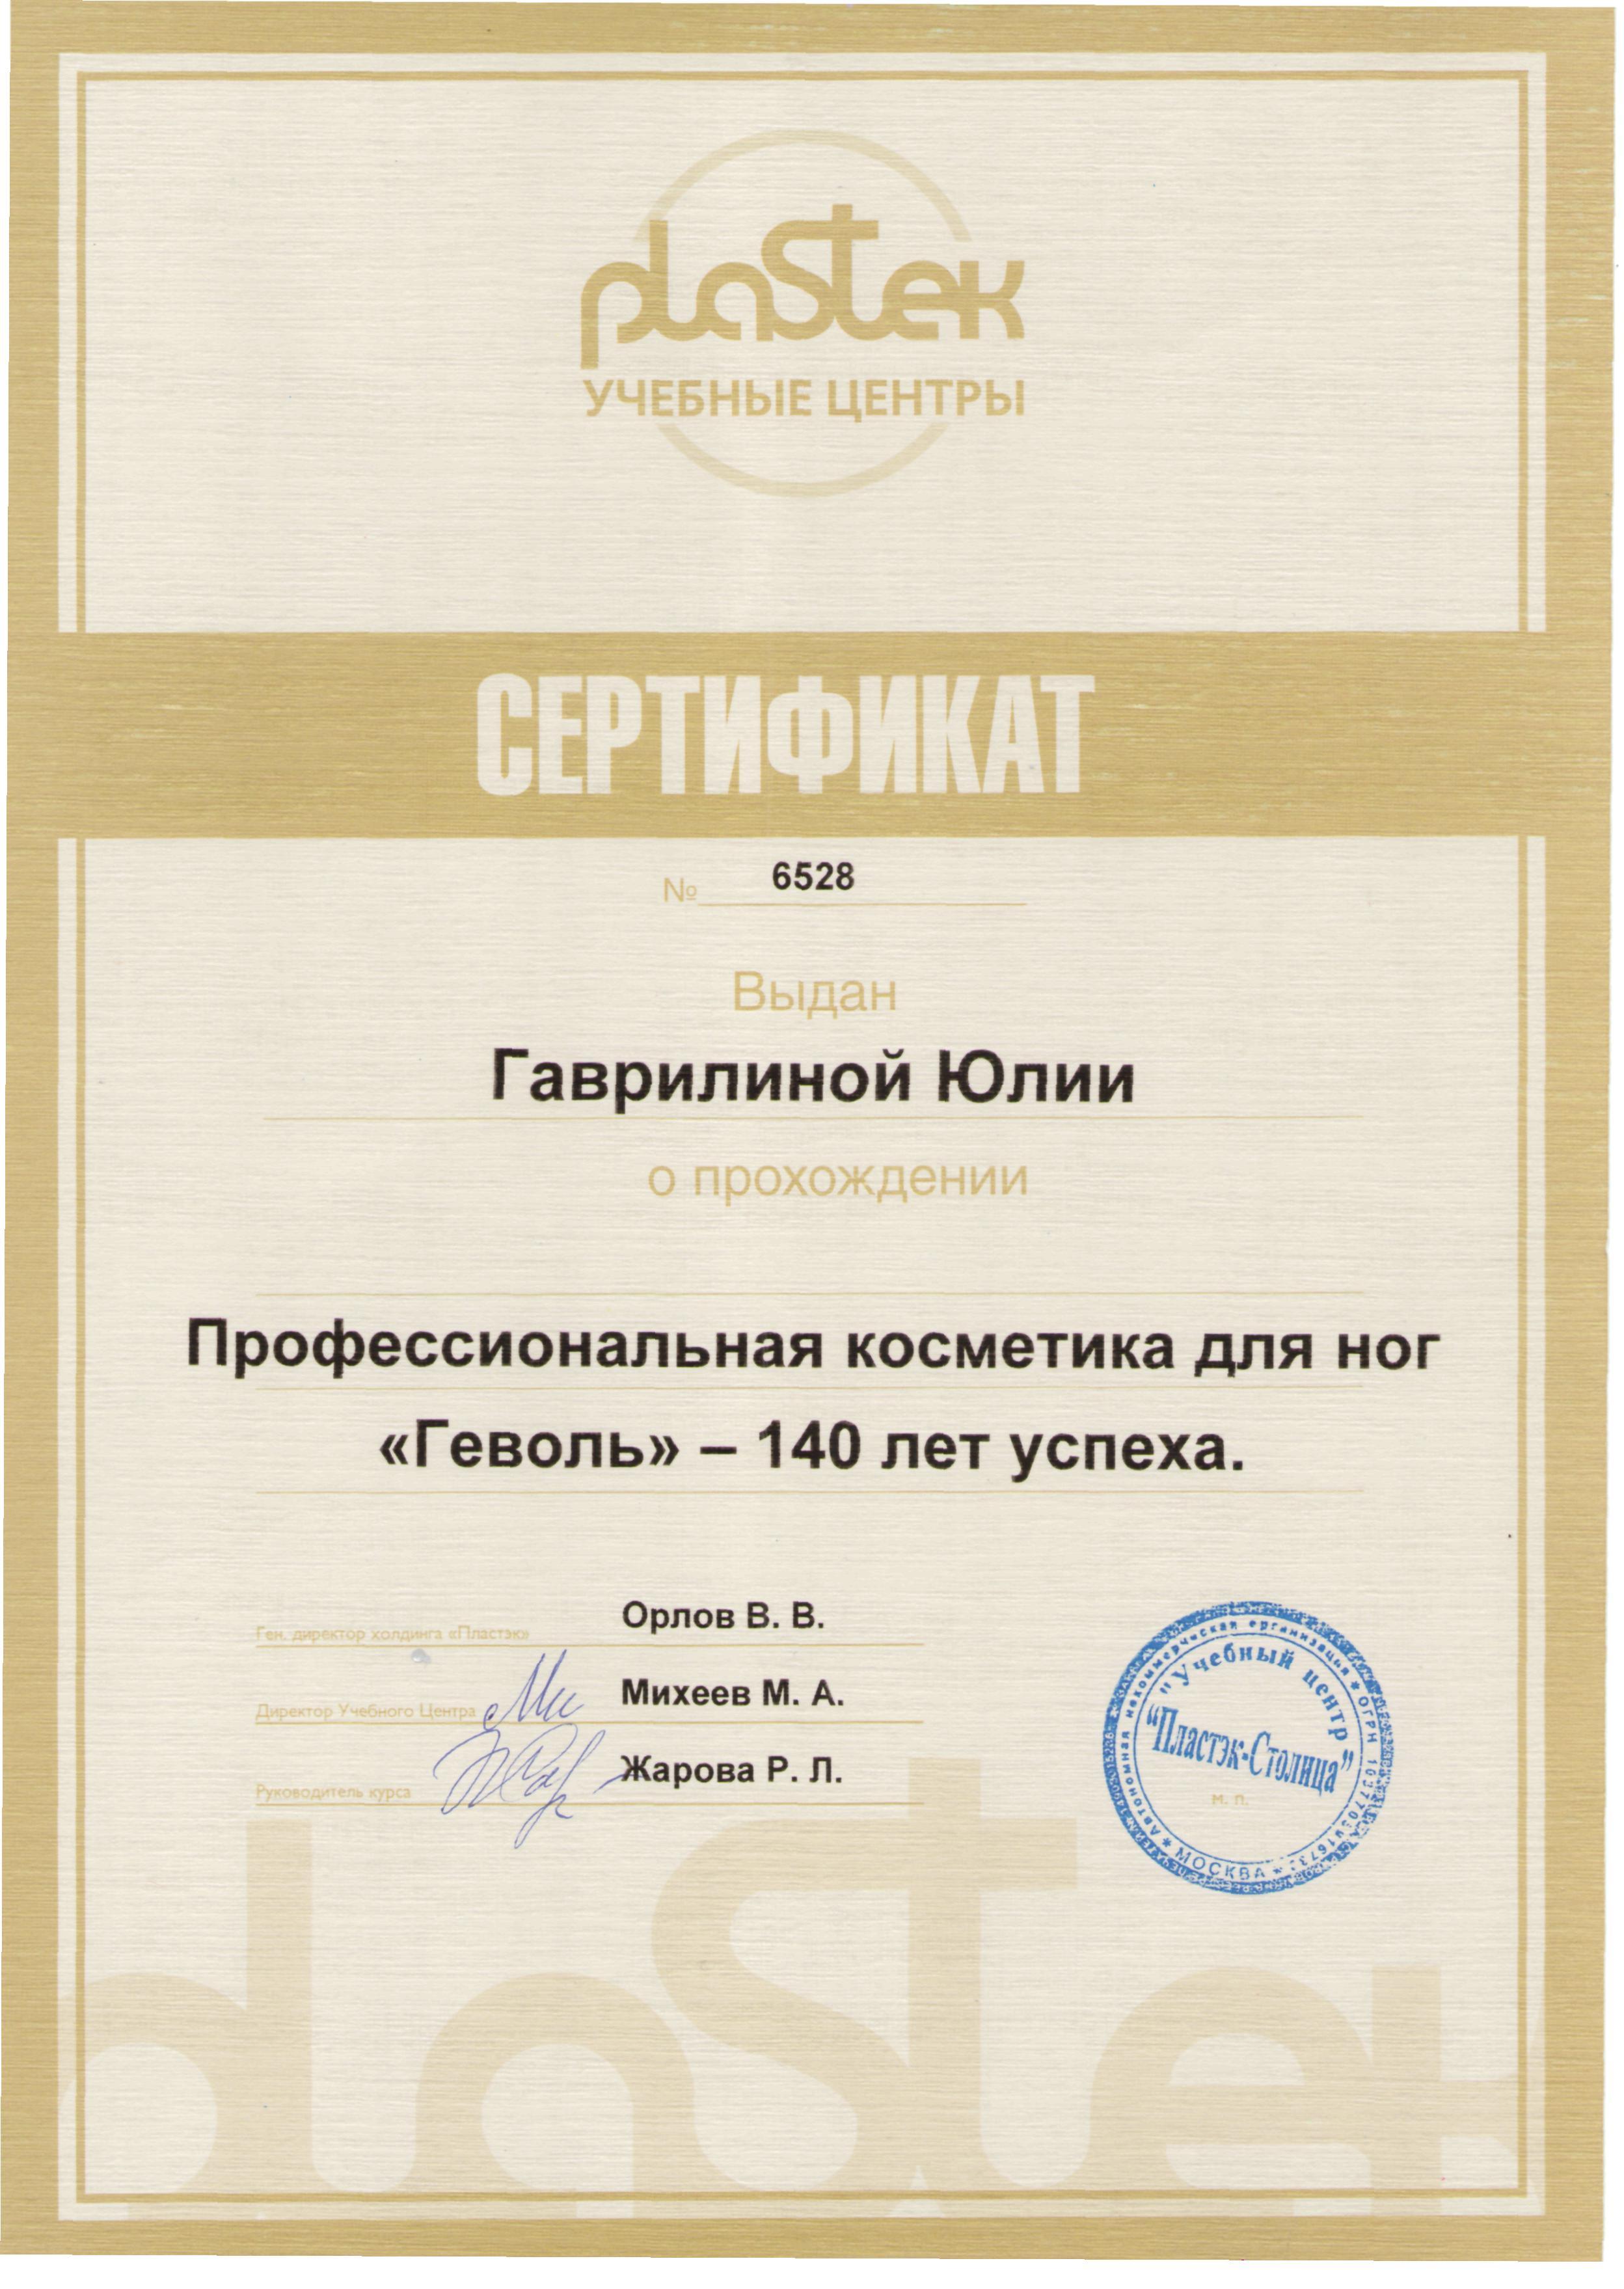 2010 Учебный центр «Пластэк» «Профессиональная косметика для ног Геволь — 140 лет успеха»